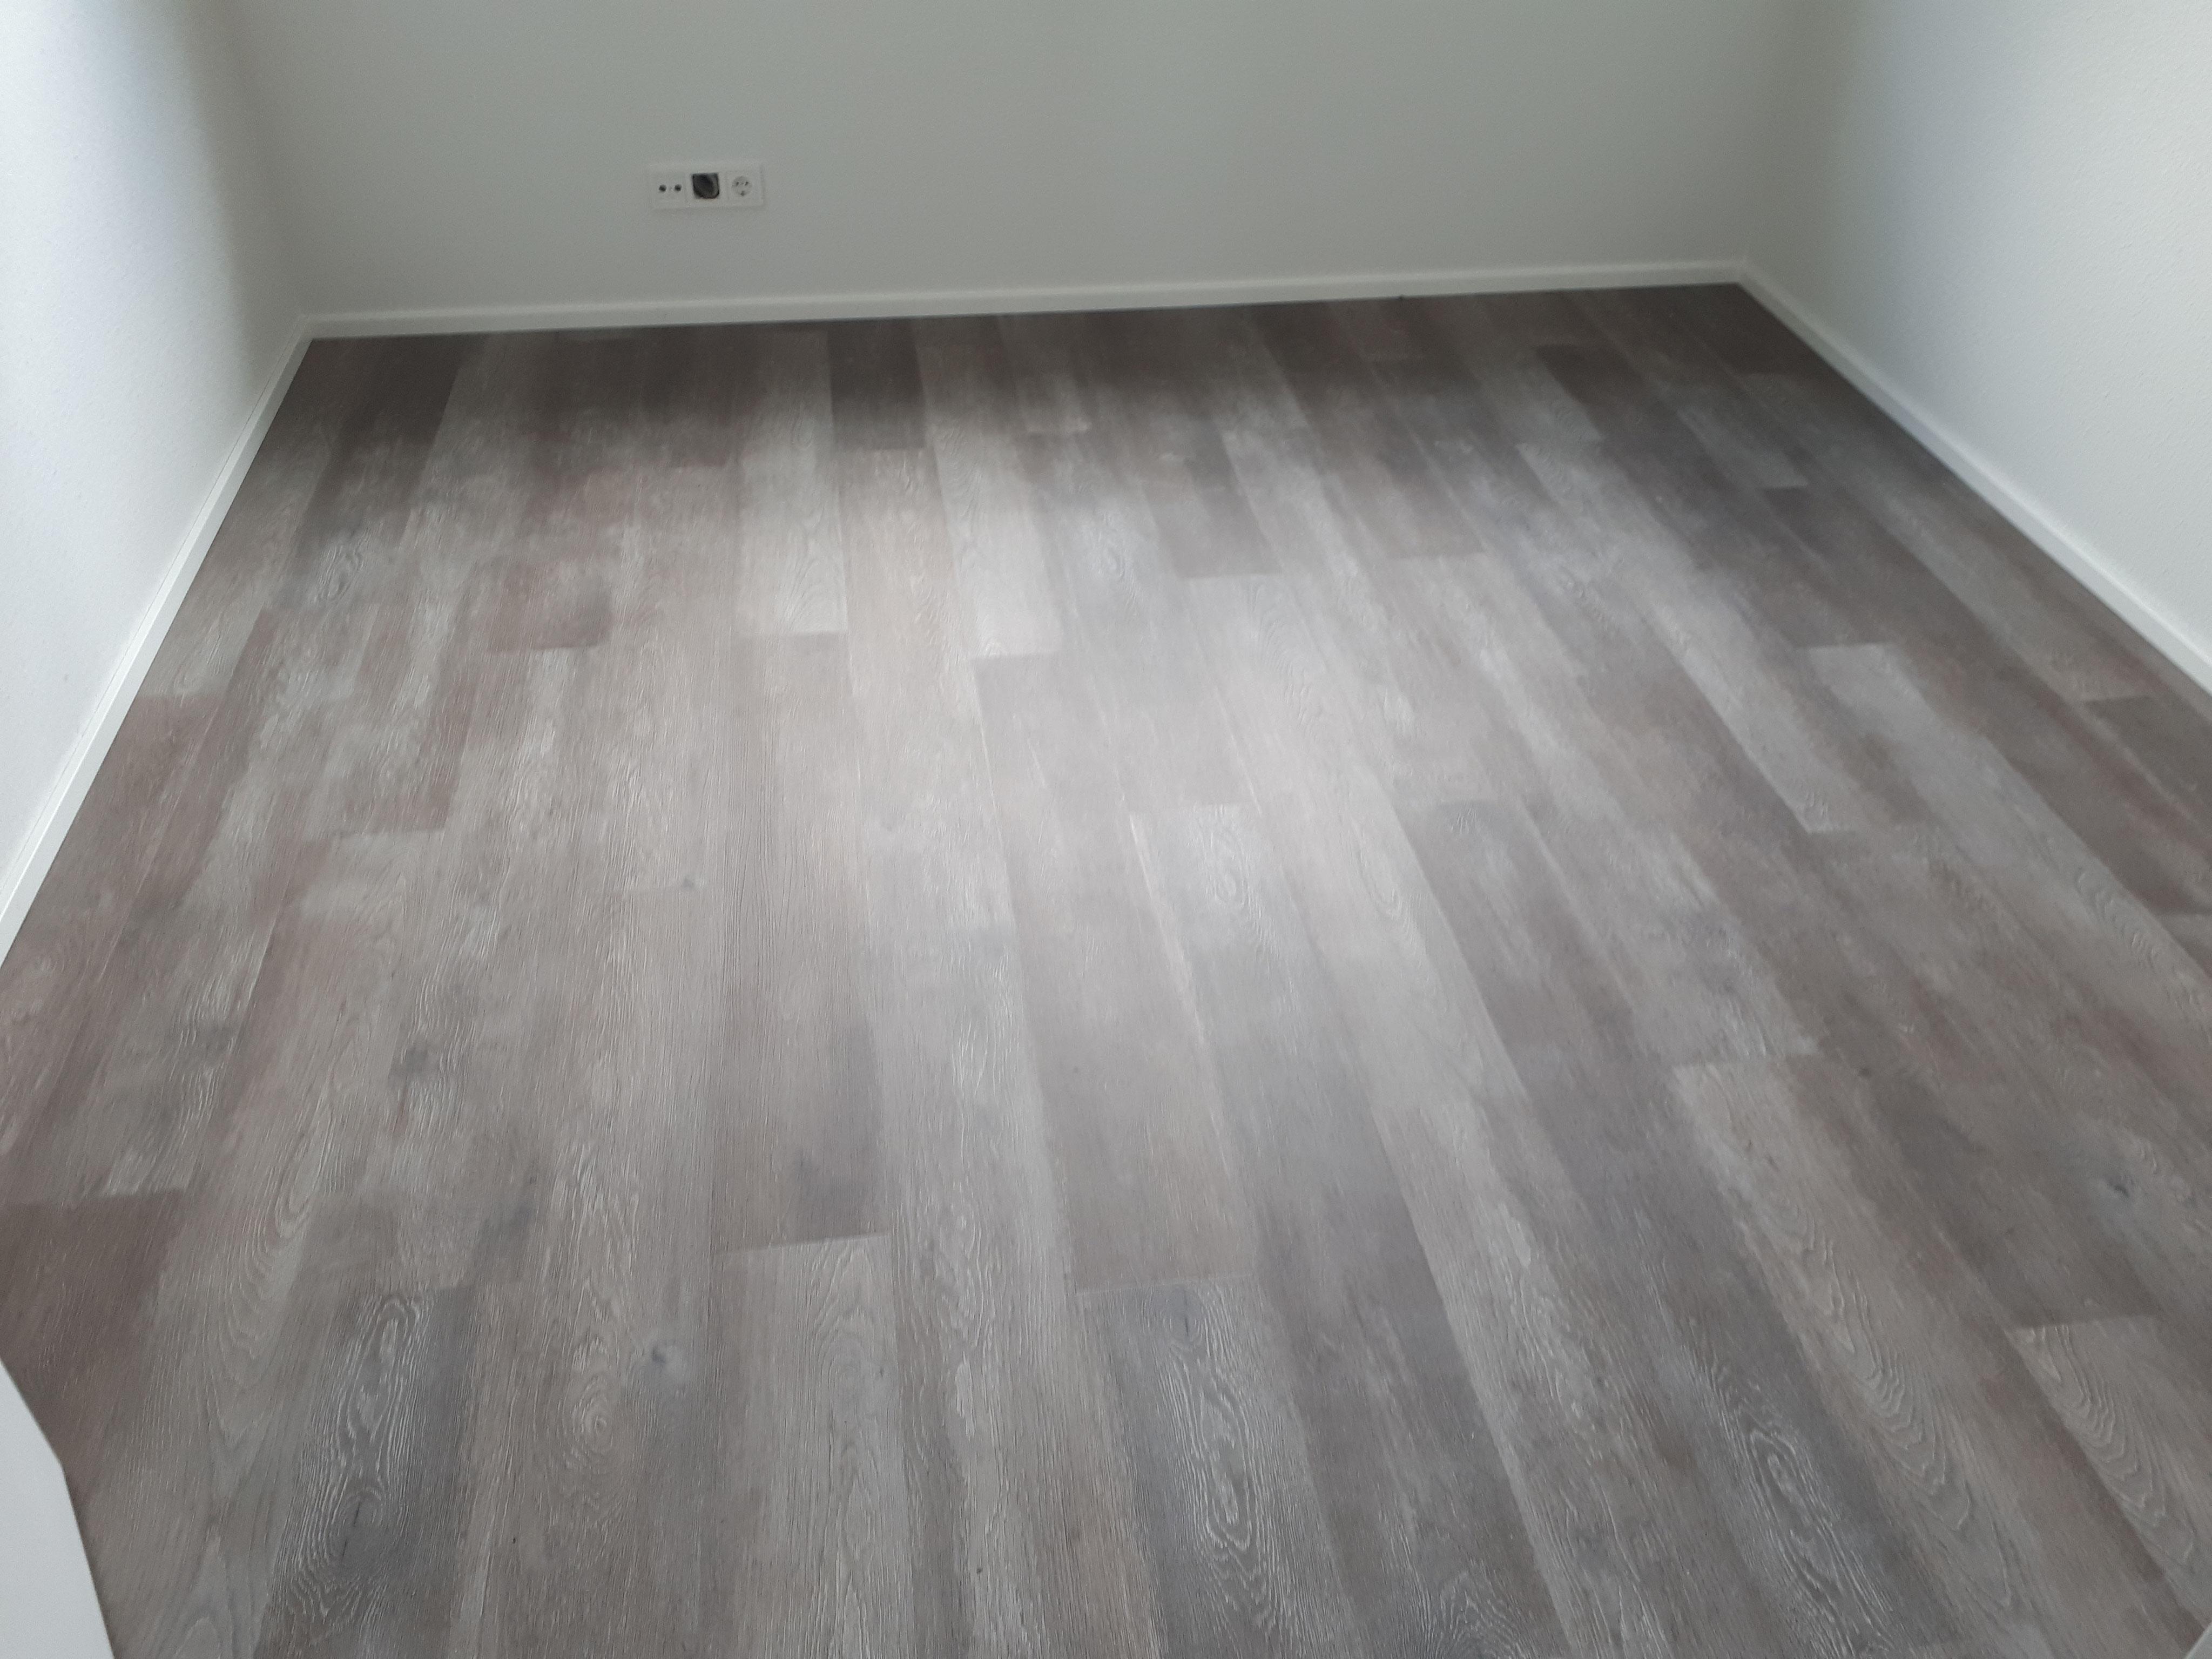 sie brauchen ein neuen strapazierf higen bodenbelag vinylb den walk raumausstattungs webseite. Black Bedroom Furniture Sets. Home Design Ideas